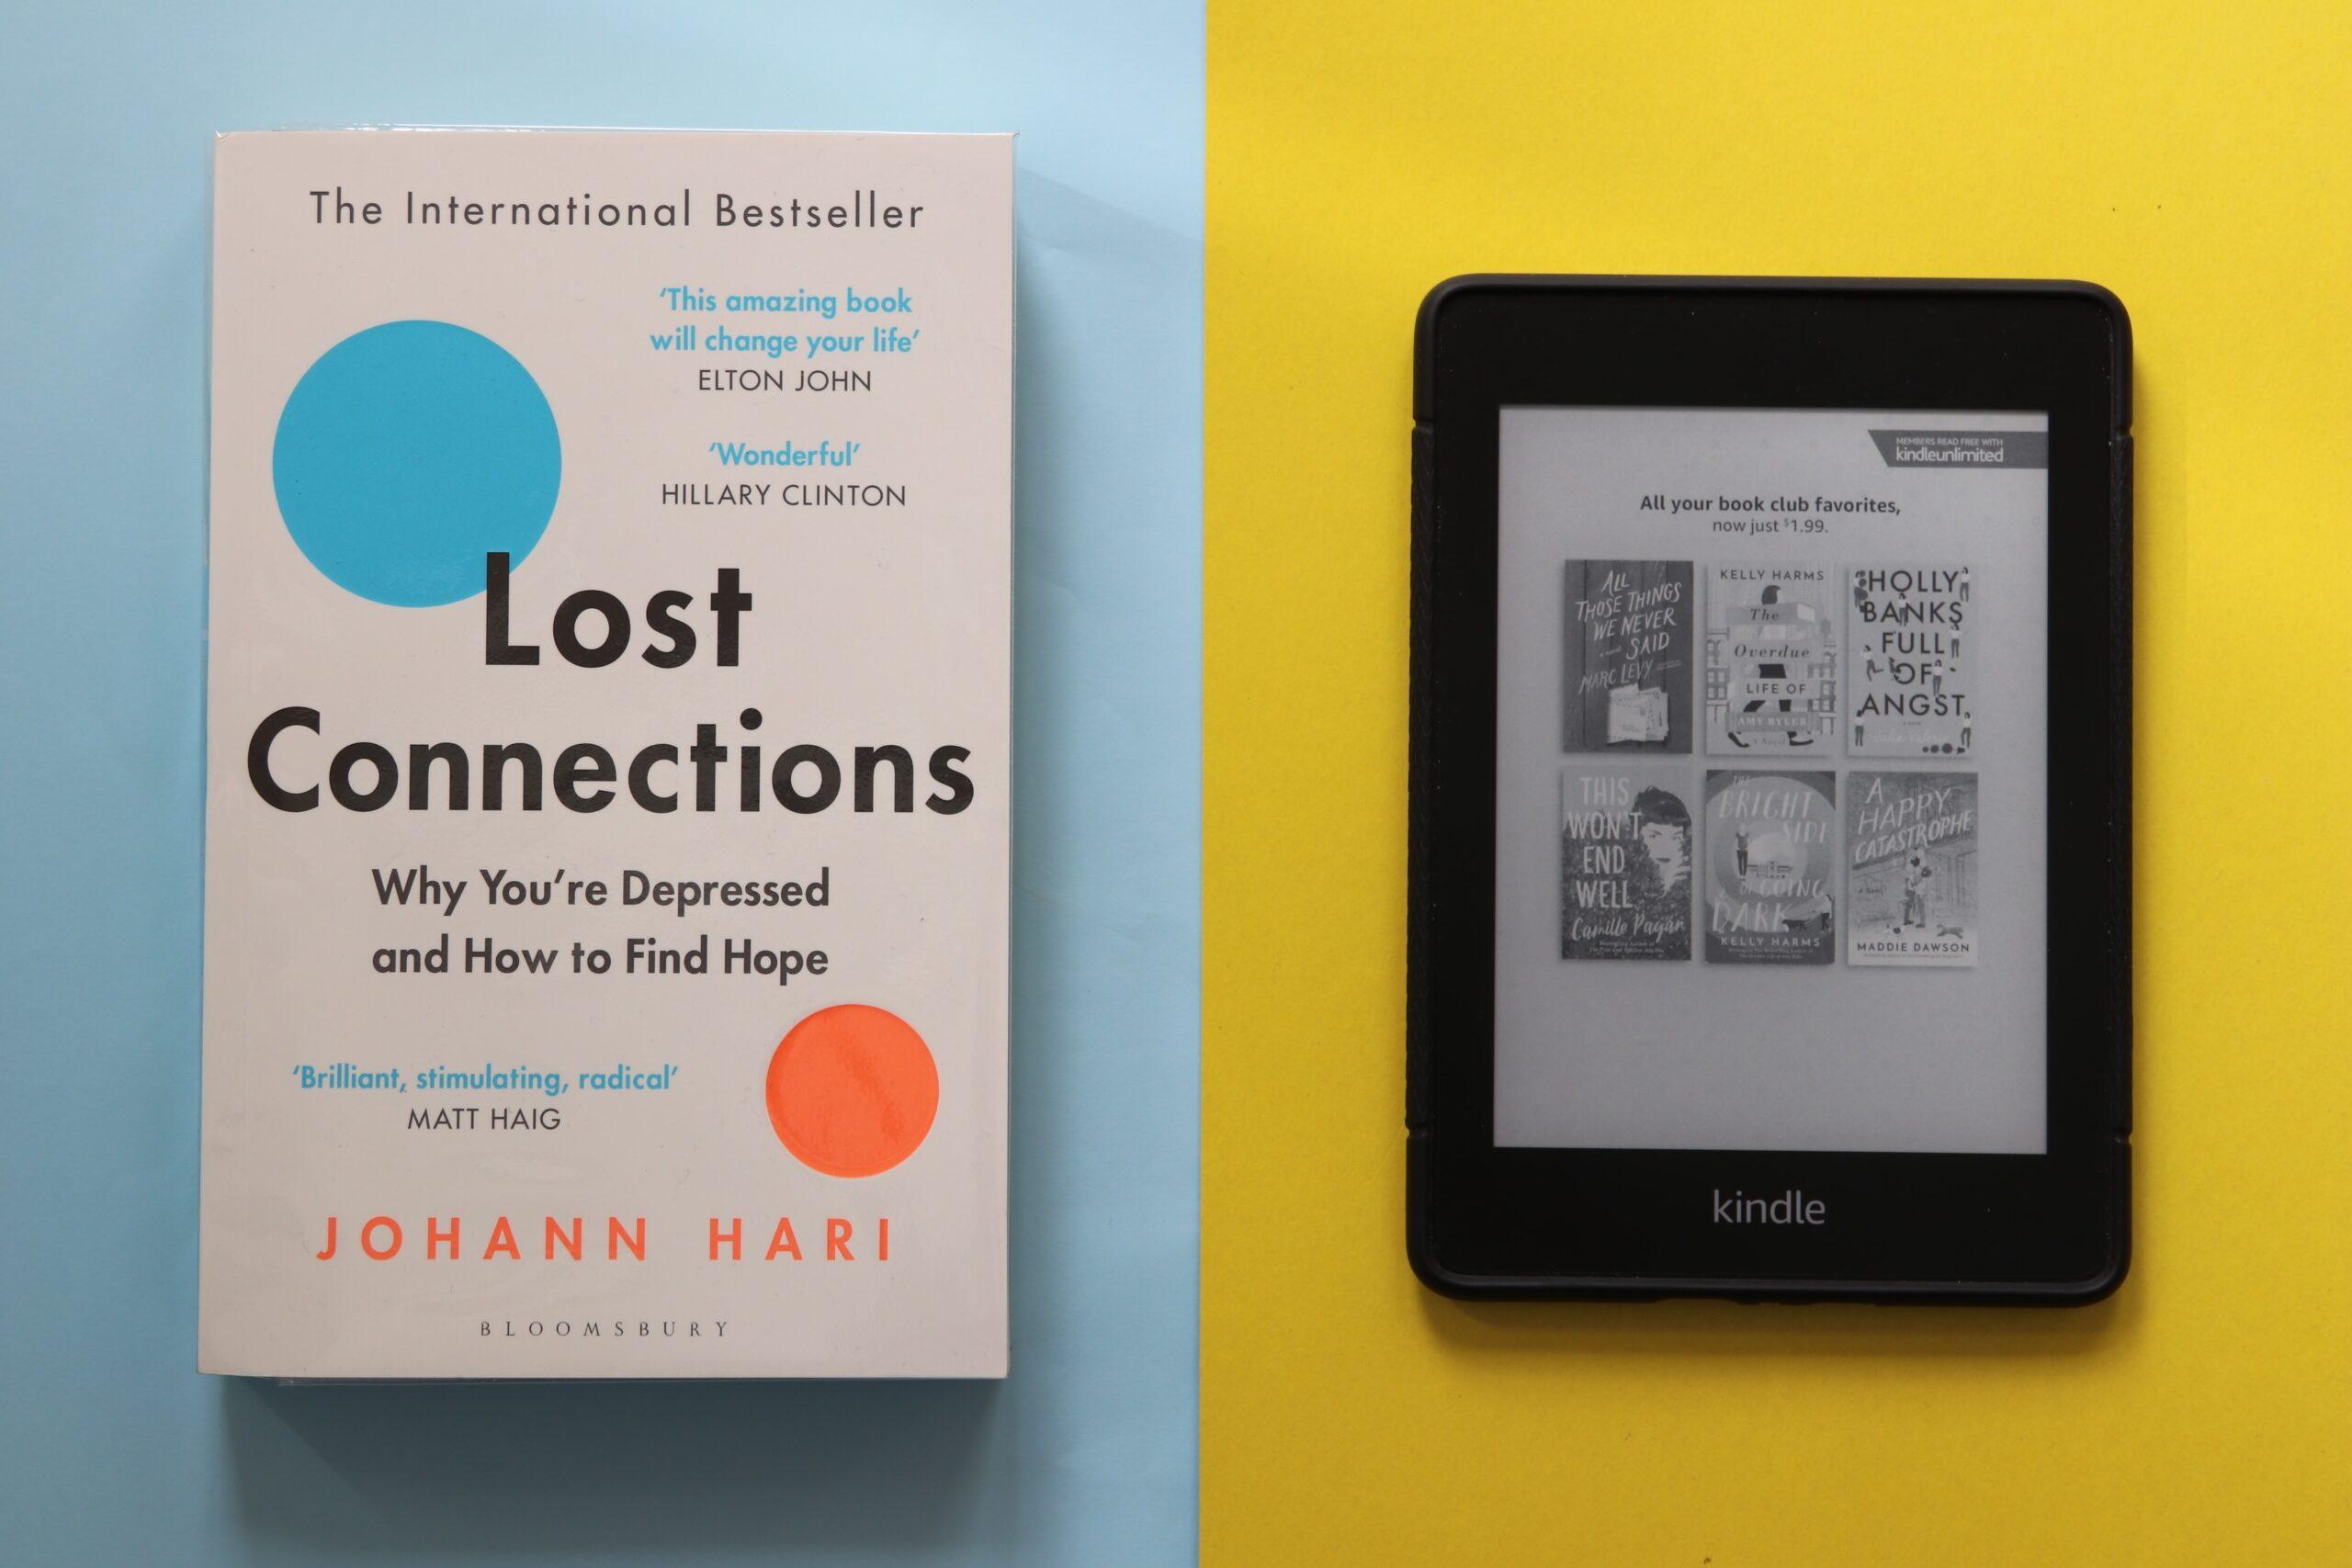 紙と電子の書籍